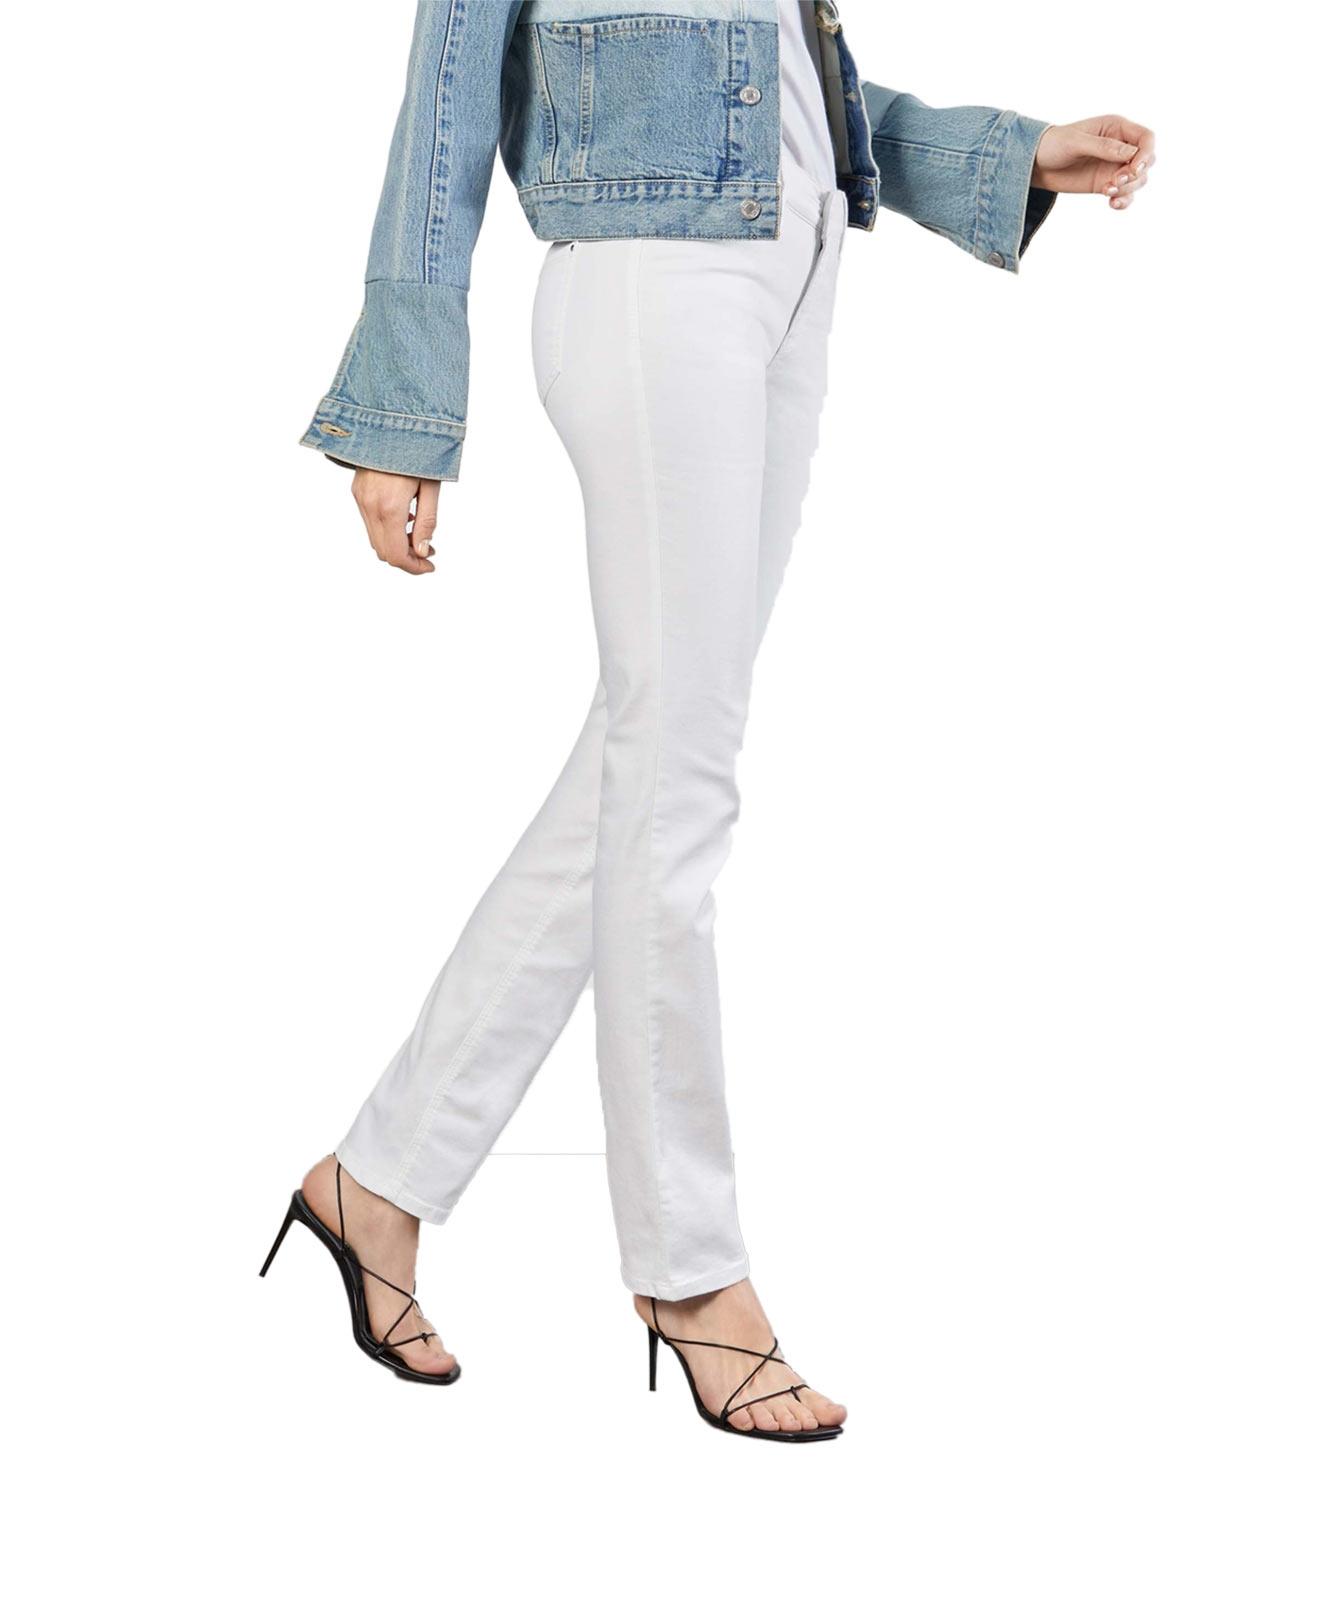 Hosen - MAC Straight Leg Jeans Dream in Denim White  - Onlineshop Jeans Meile